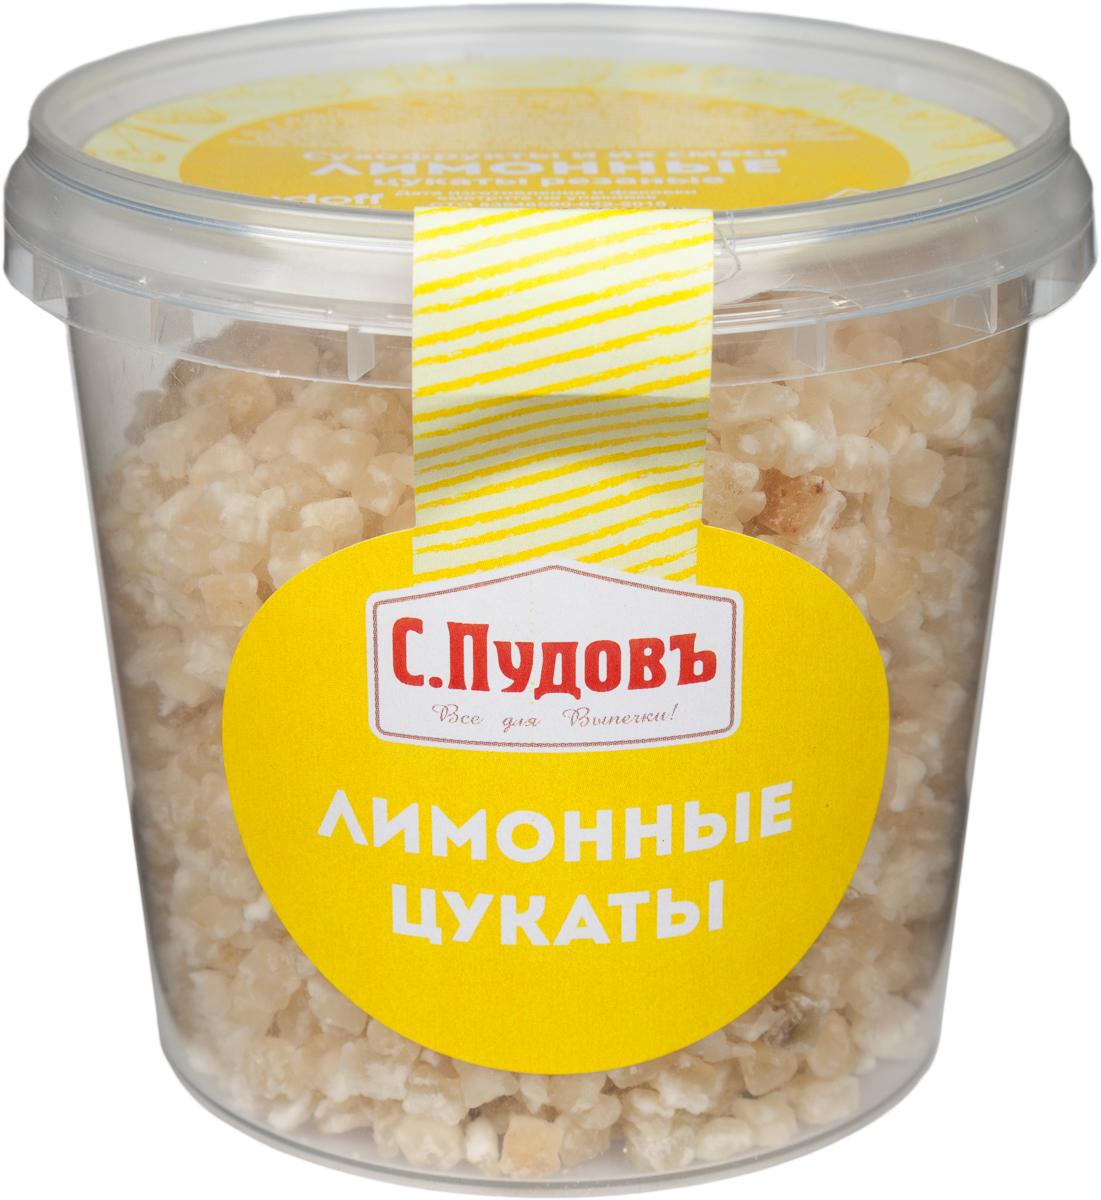 Пудовъ лимонные цукаты, 230 г4607012297532Эфирное масло, которое содержится в цукатах, оказывает тонизирующее действие, повышает настроение, способствует приливу сил для выполнения работы. А сахар обеспечивает организм энергией, необходимой чтобы эту работу выполнить. Их можно добавлять в десерты и выпечку.Уважаемые клиенты! Обращаем ваше внимание, что полный перечень состава продукта представлен на дополнительном изображении.